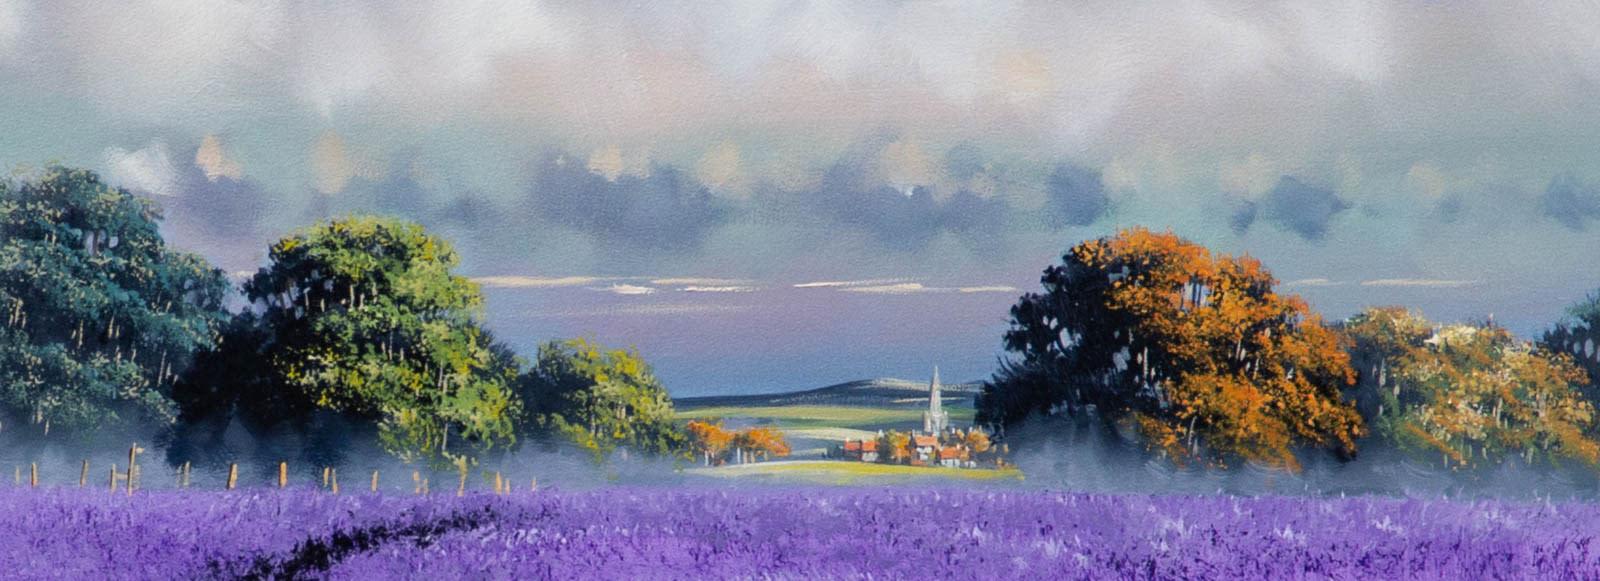 A Walk Through the Lavender